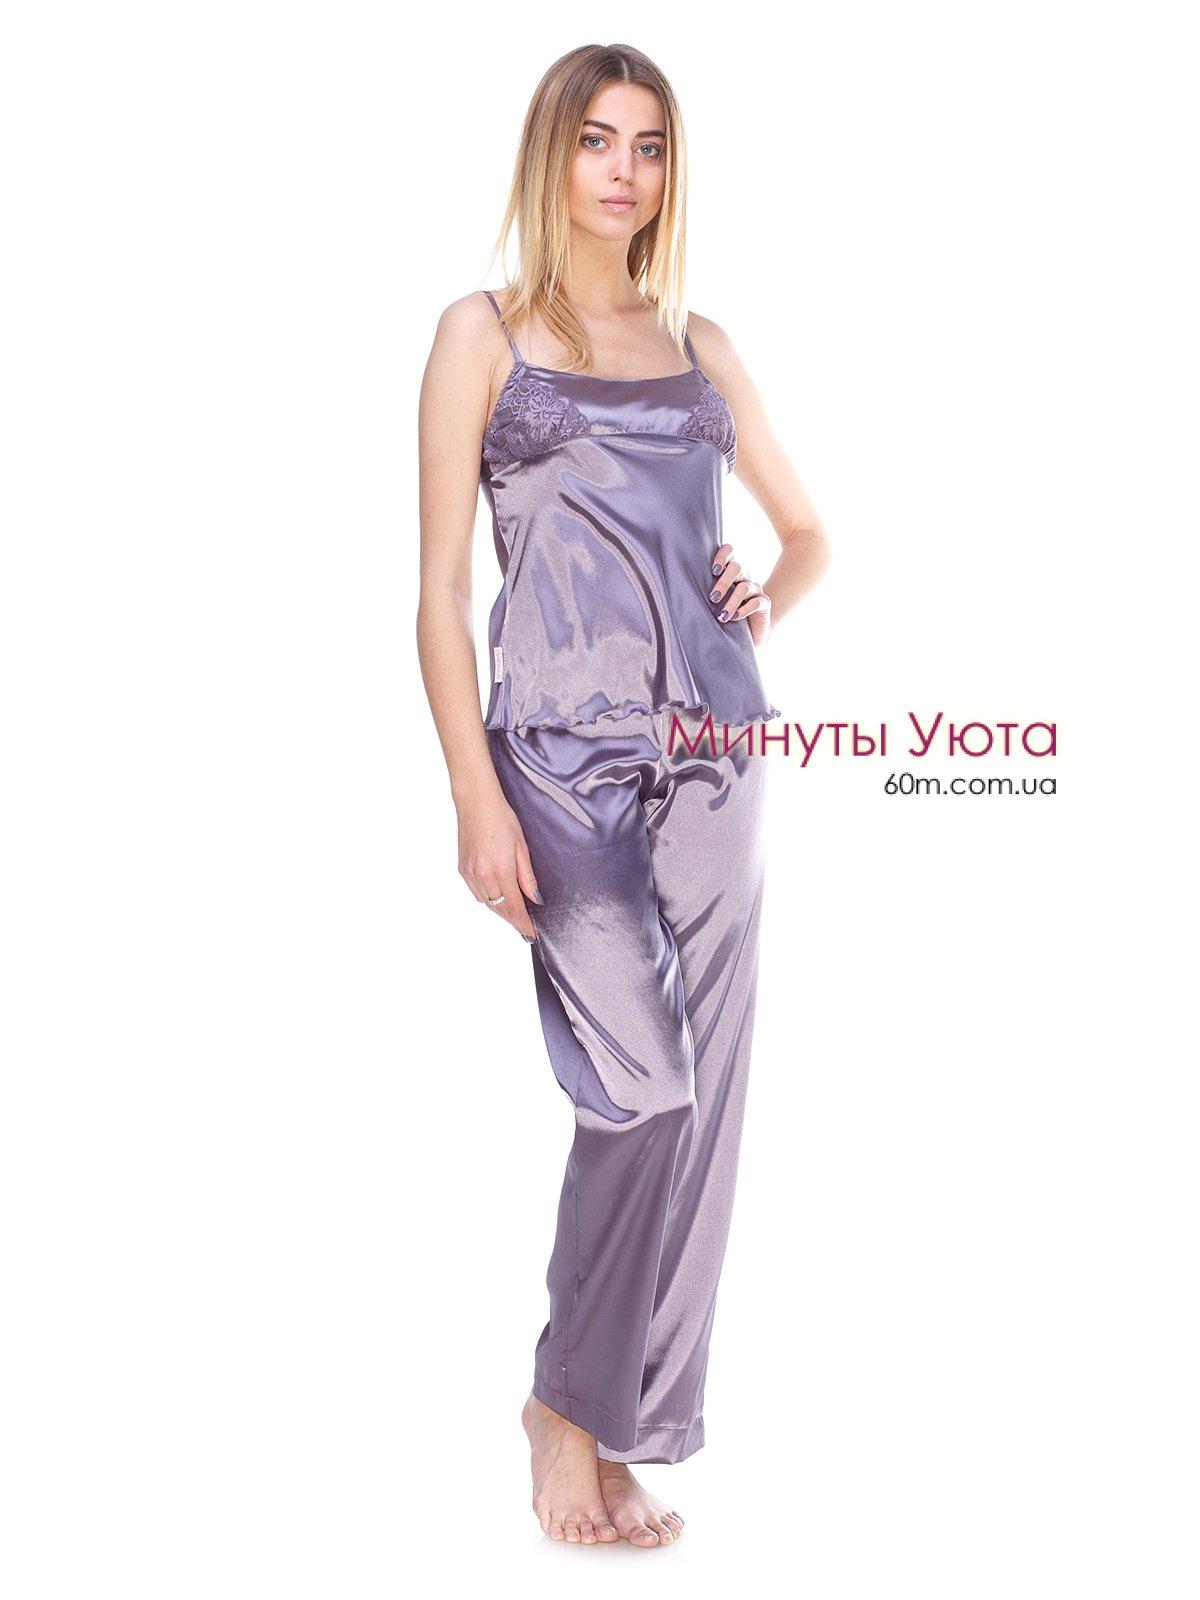 381b7c9ee3702 Атласная пижама графитового цвета купить Киев, Украина. Цвет пижамы ...